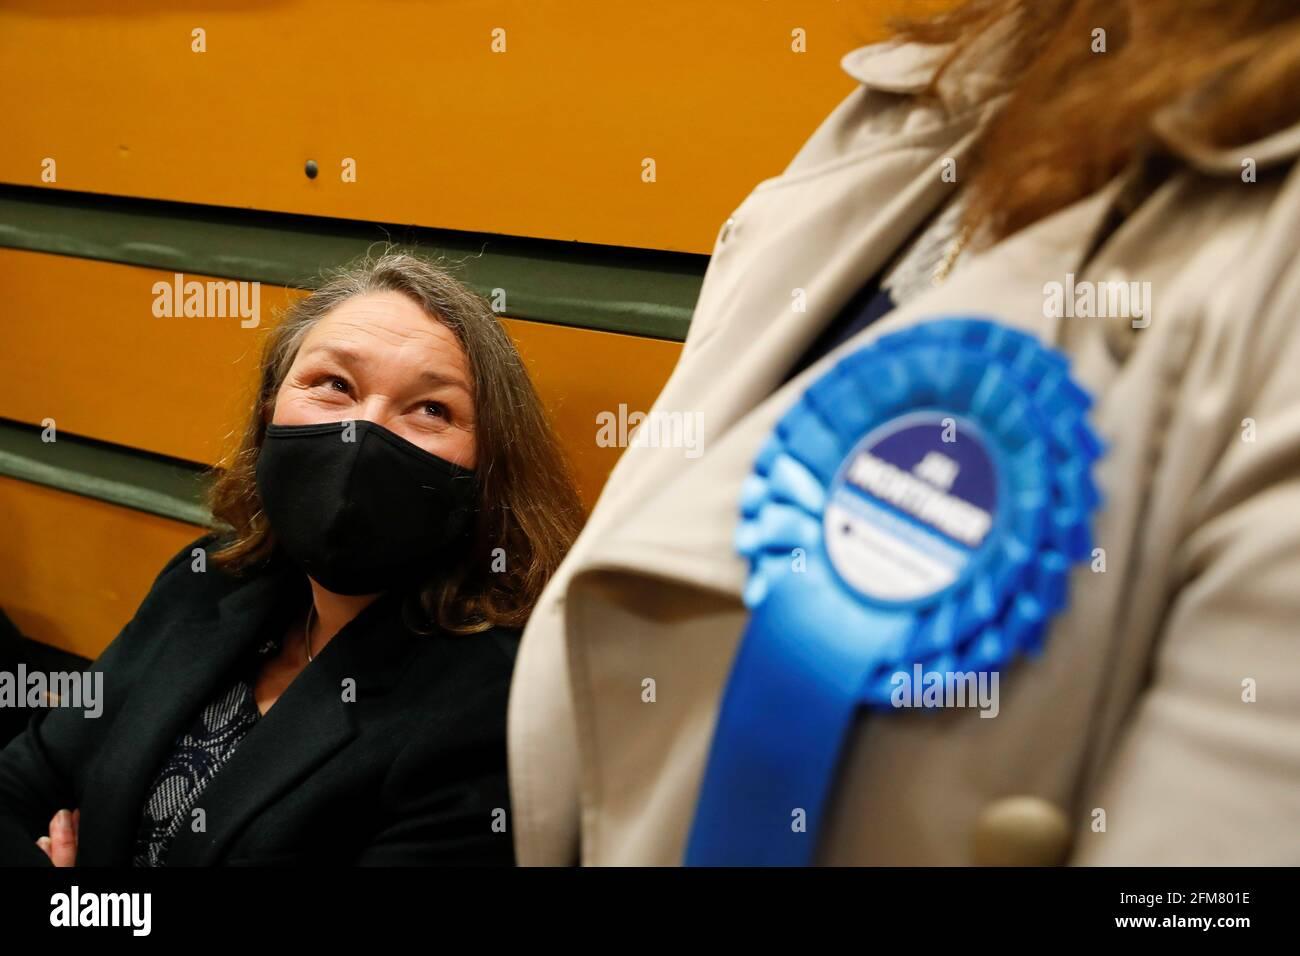 Jill Mortimer von der Konservativen Partei wartet im Mill House Leisure Center, während die Stimmzettel gezählt werden, in Hartlepool, Großbritannien, 7. Mai 2021. REUTERS/Lee Smith Stockfoto